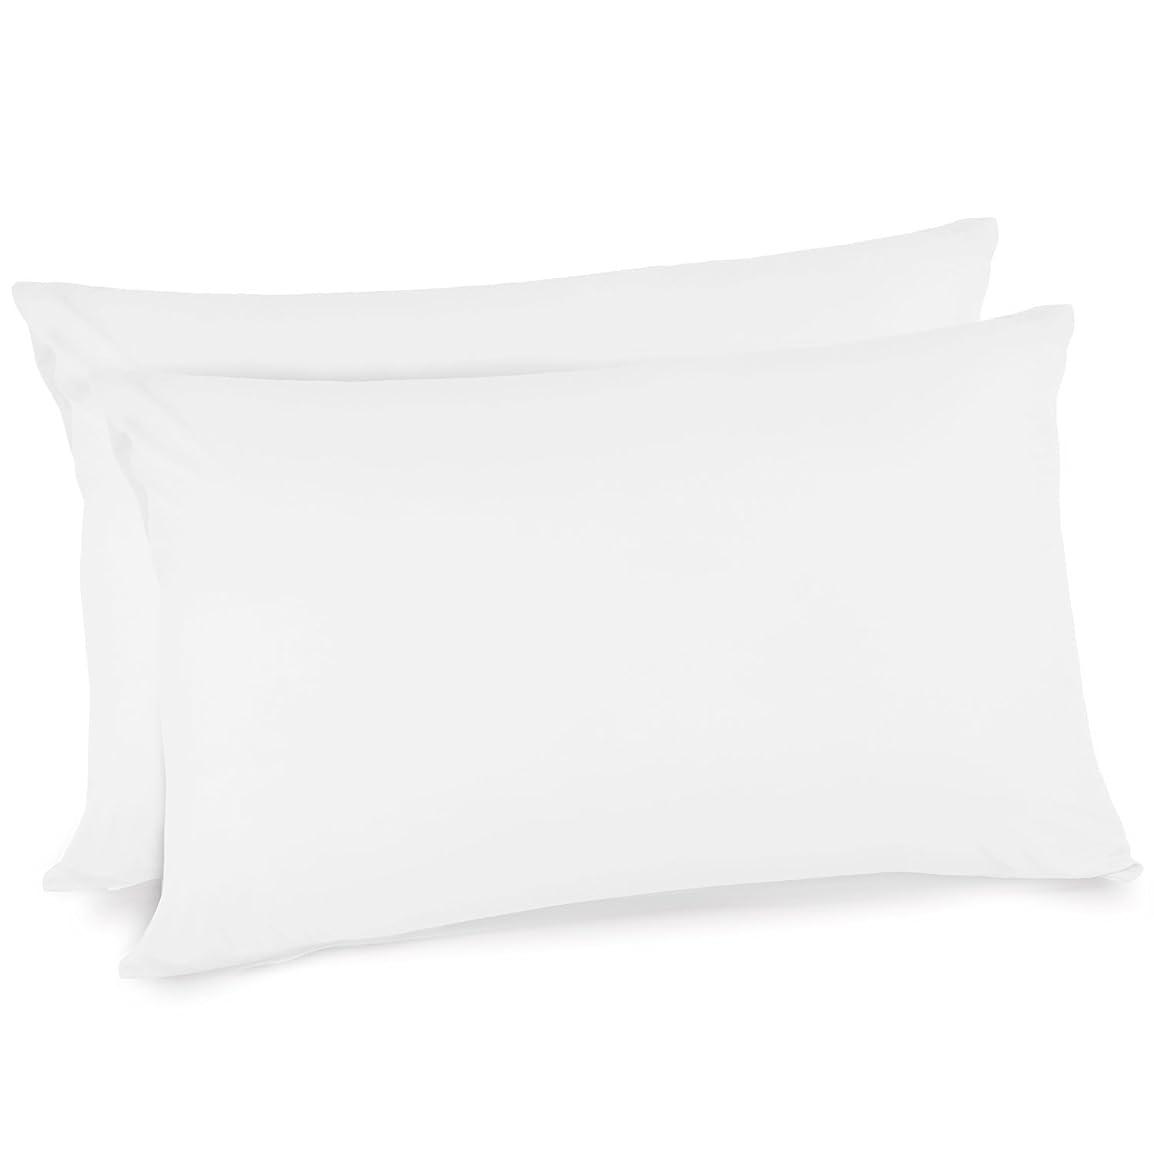 ハウジング緊張スキニー枕カバー ピローケース 43x63cm 2枚組 封筒式 ホテル仕様 防ダニ 抗菌 防臭 洗濯可 色褪せにくて しわができにくい (ホワイト)